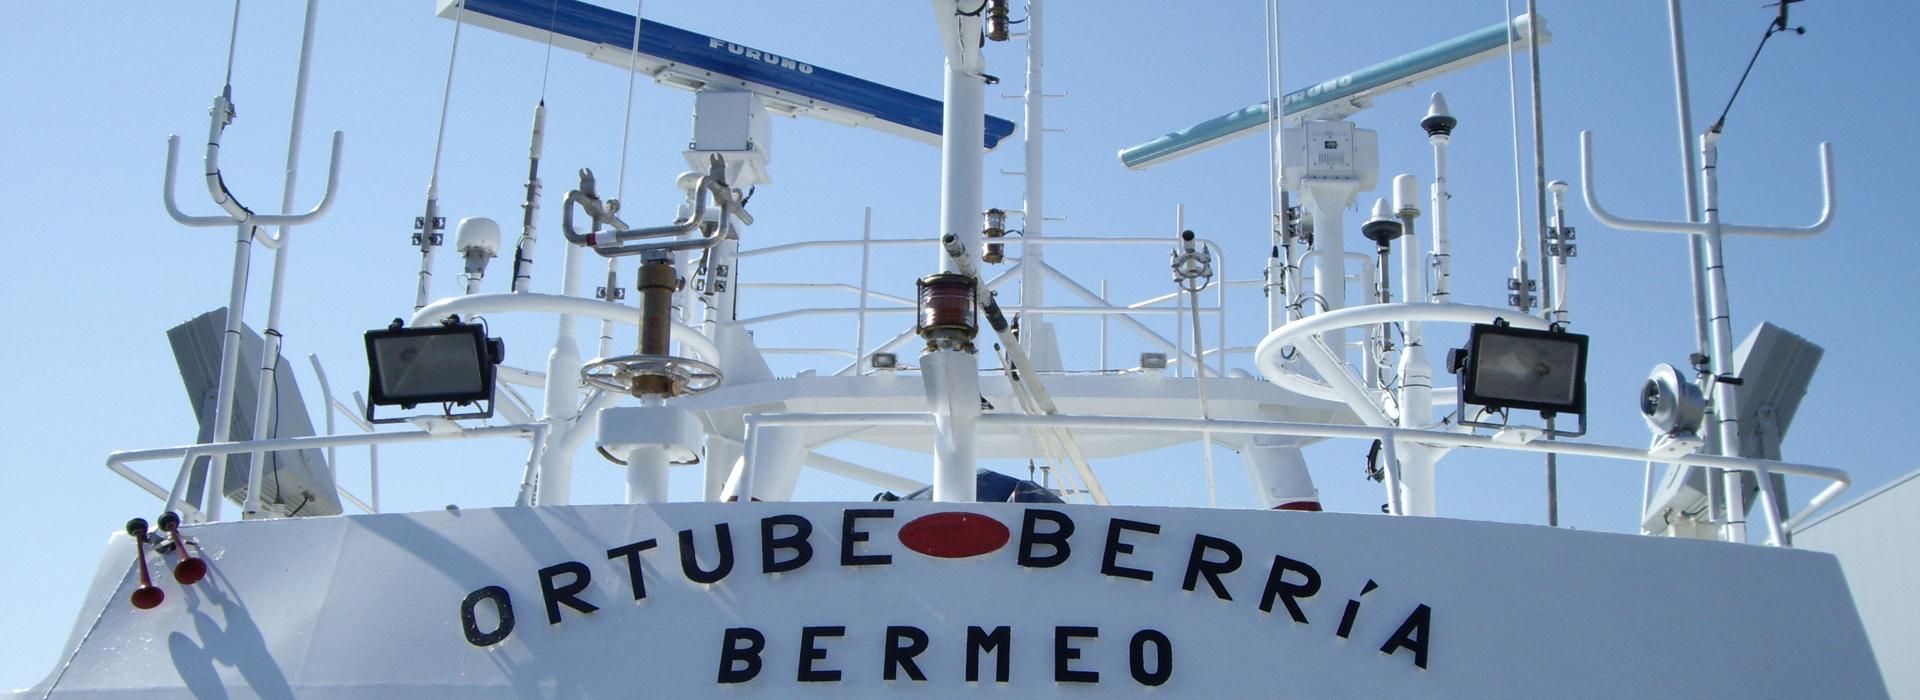 cabecera_ortube_berria